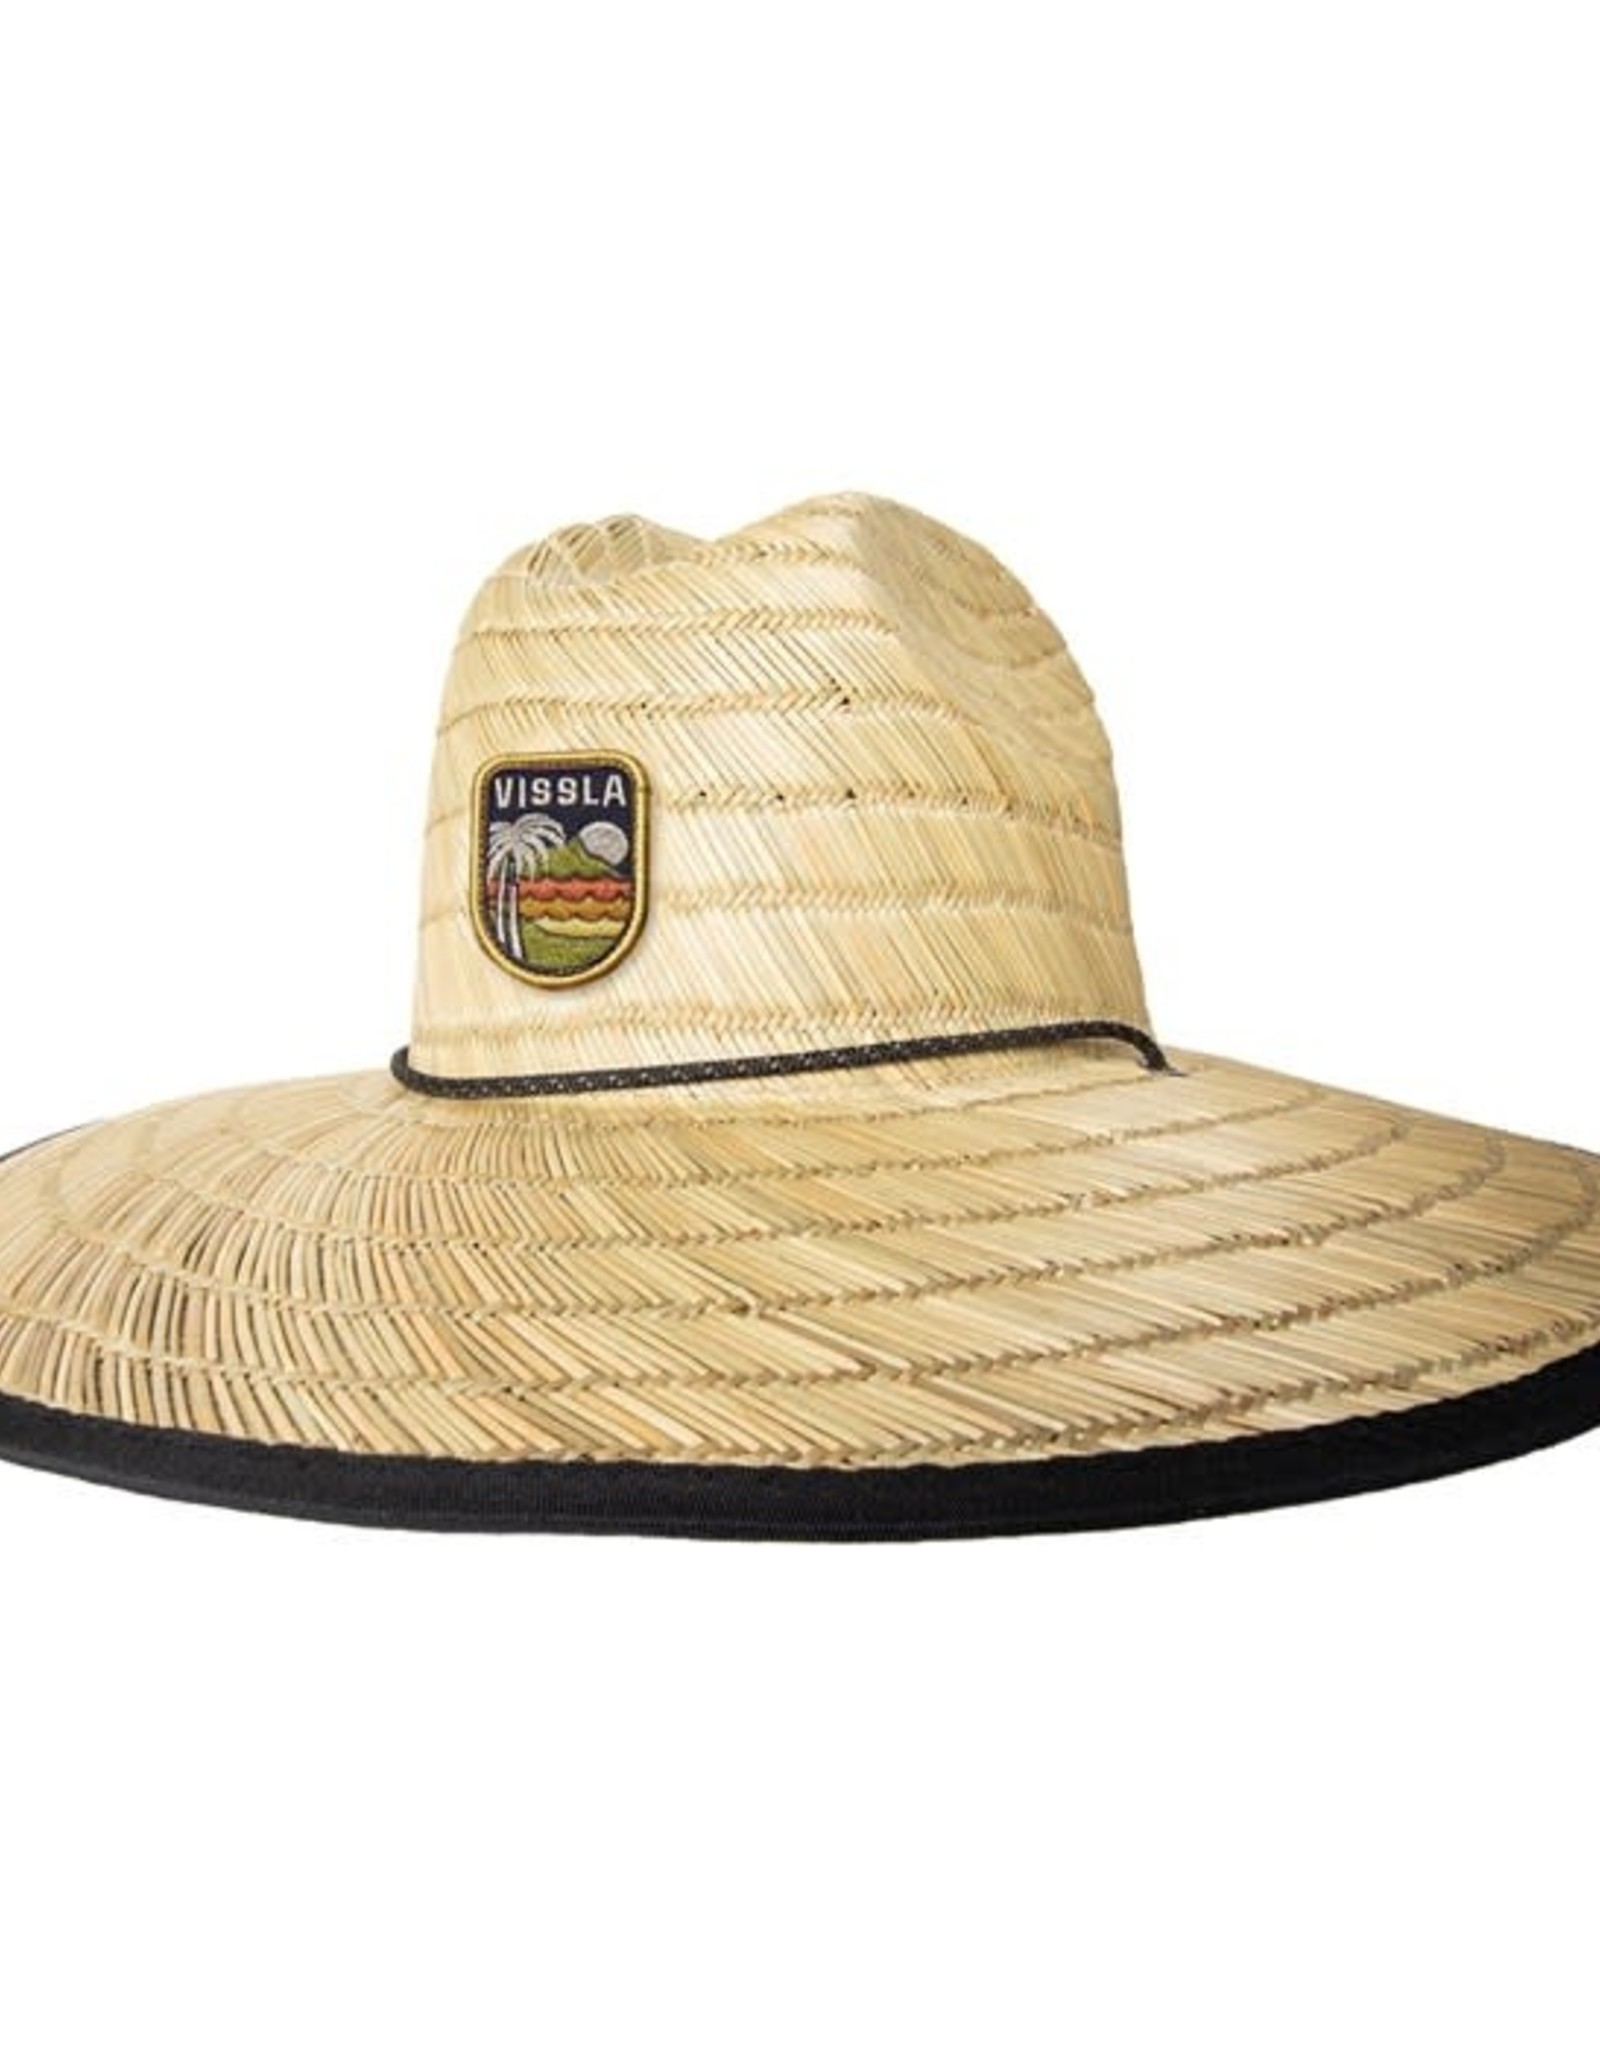 vissla Vissla outside sets lifeguard hat natural style mahtoout